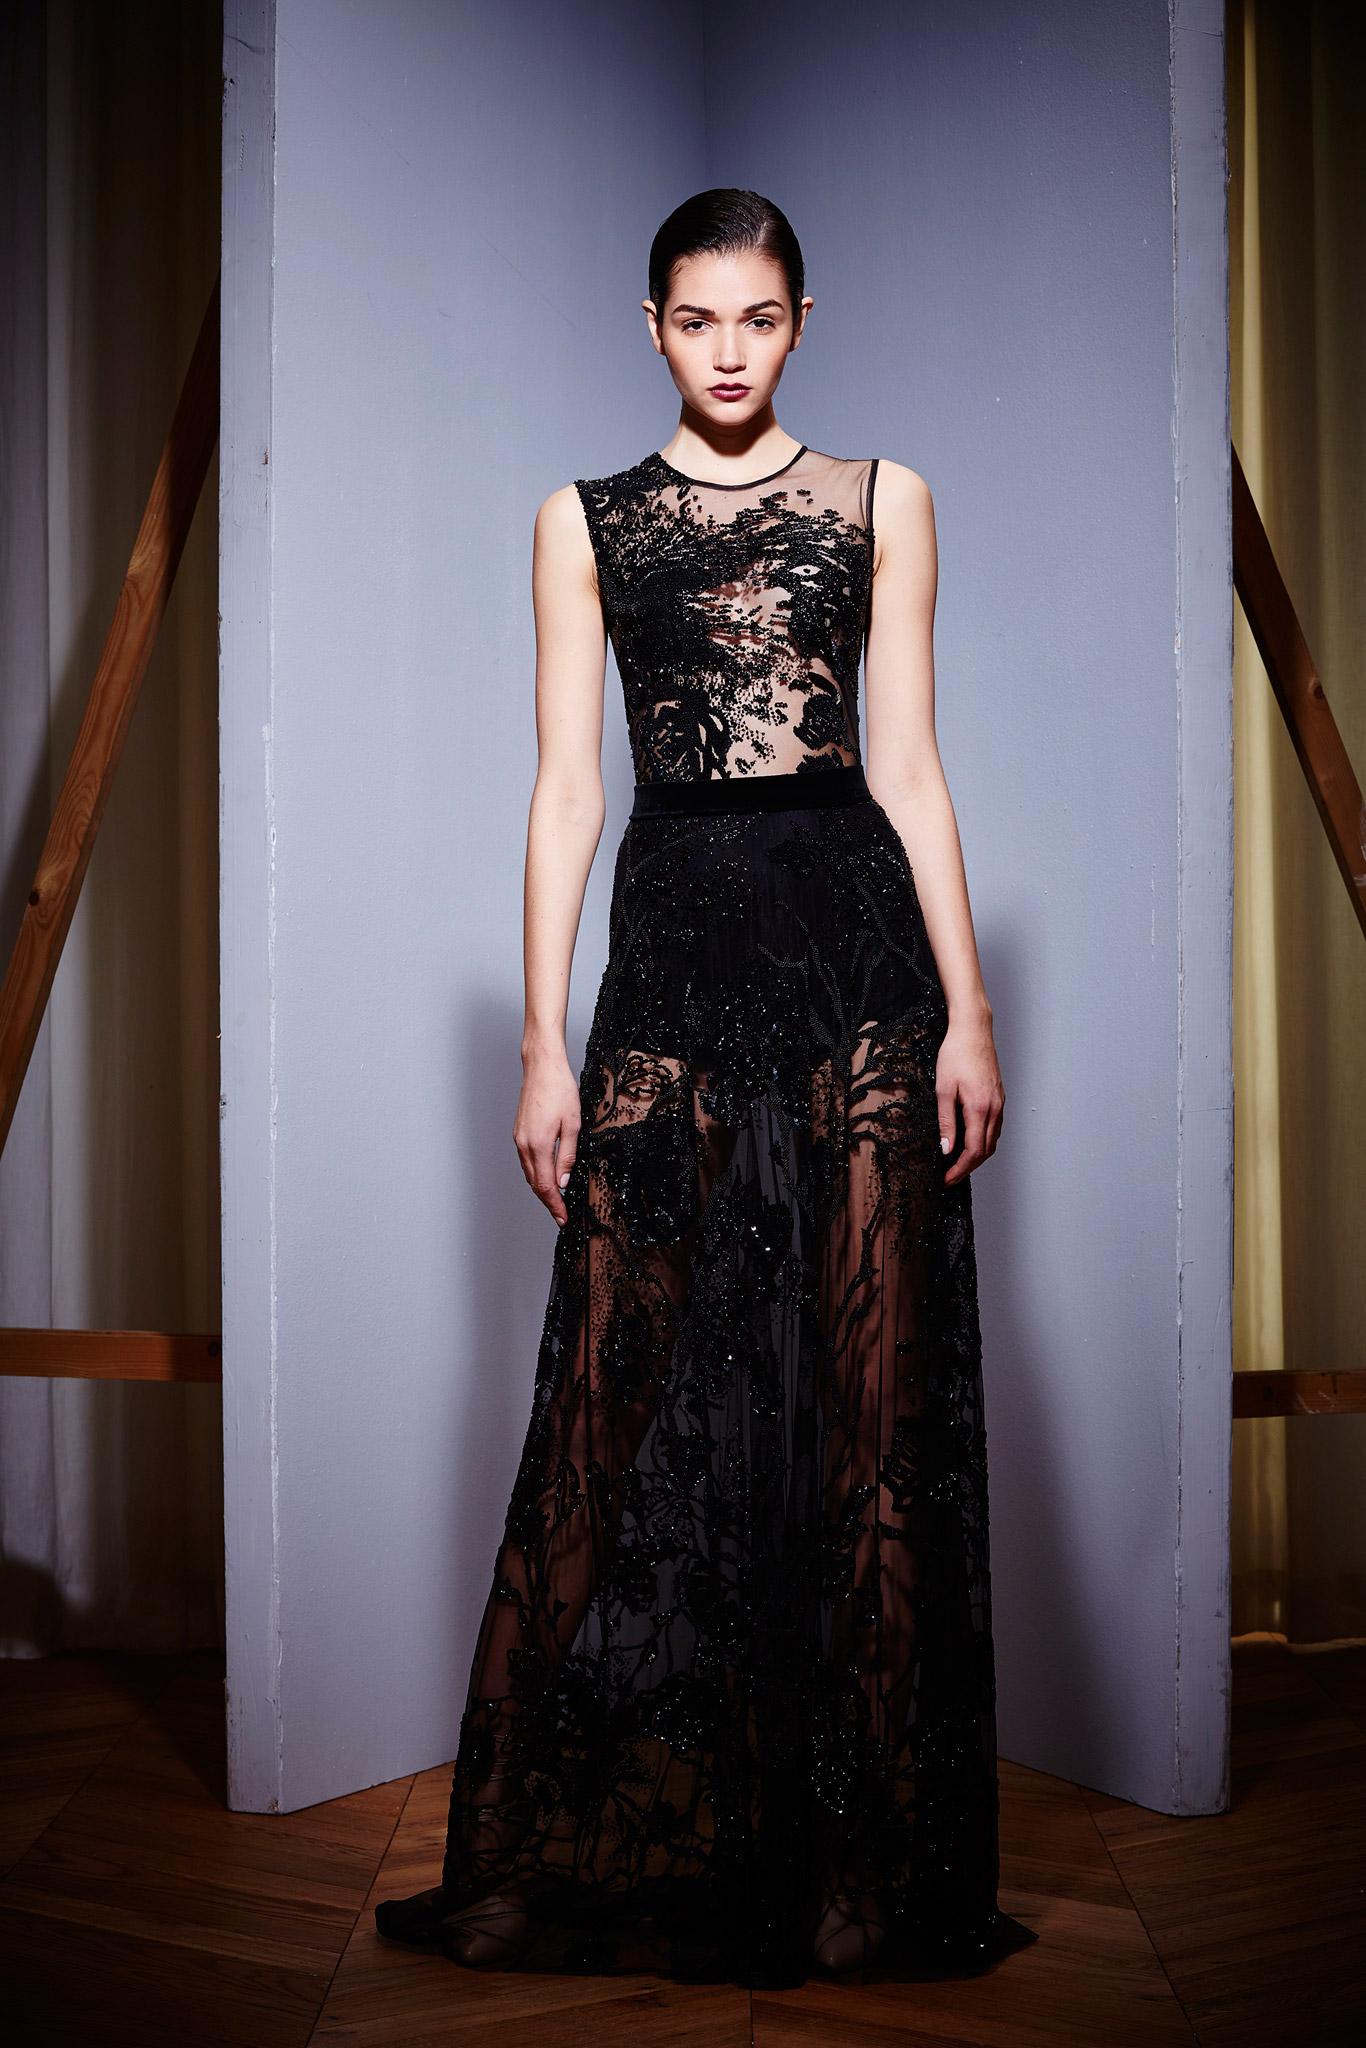 Zuhair-Murad-Fall-Winter-2015-2016-Evening-Wear-Bridal-Gowns-1.jpg